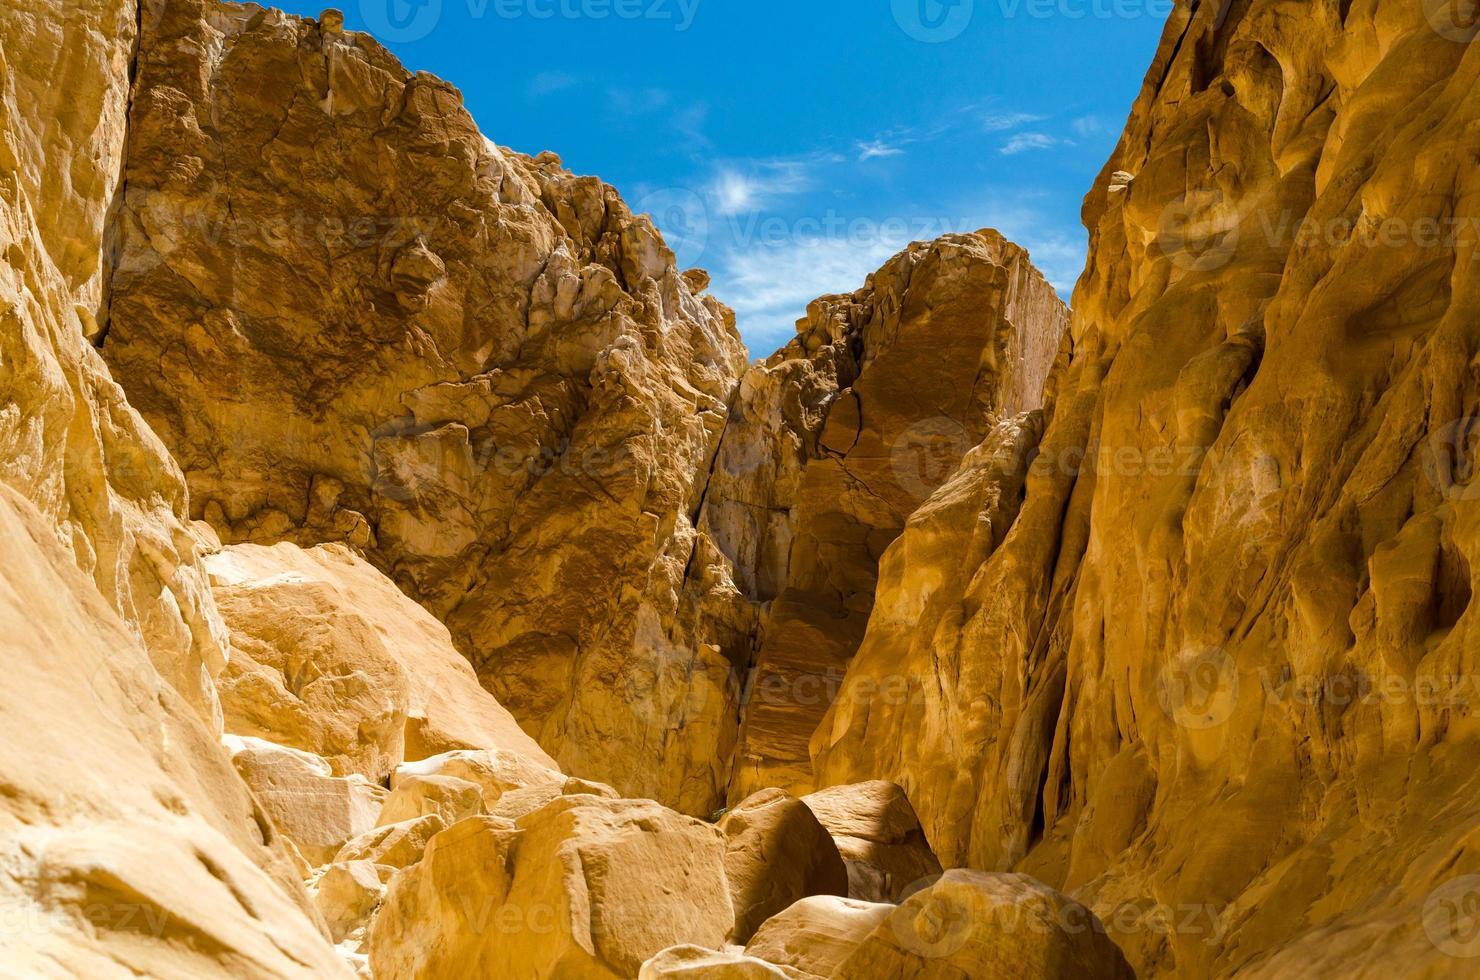 désert rocheux avec ciel bleu photo